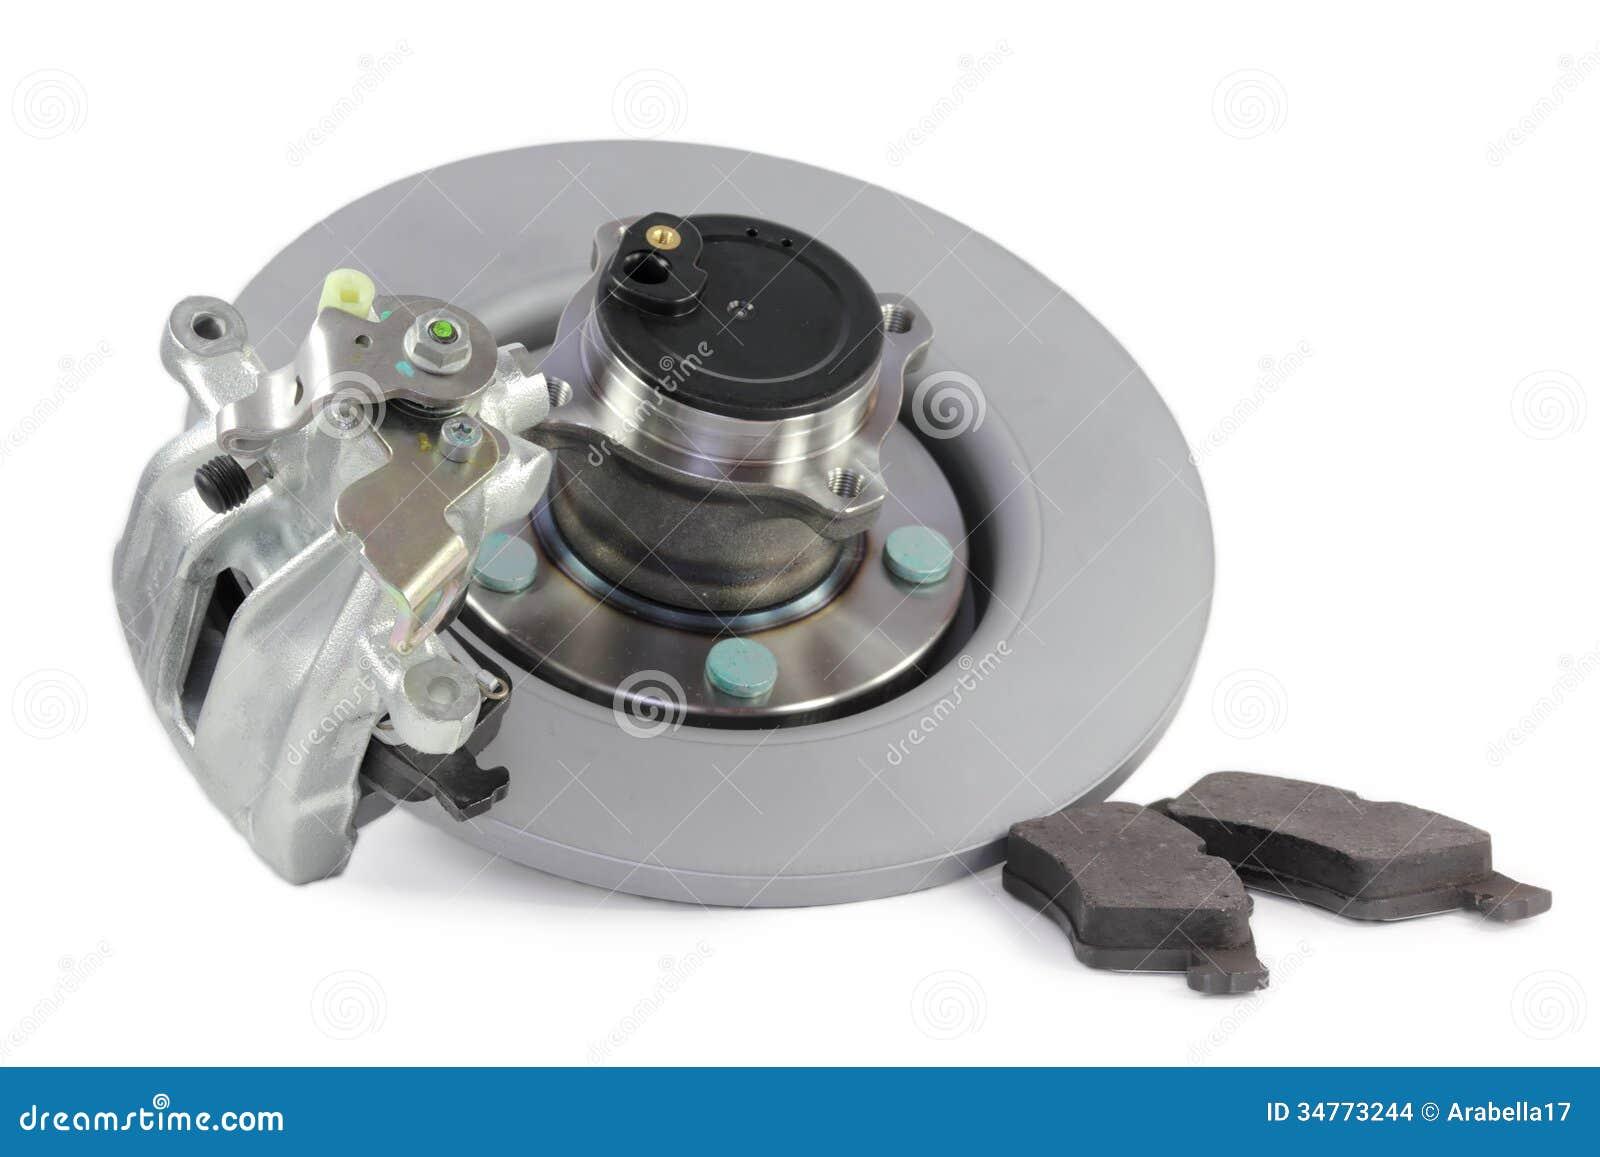 Vehicle Brake Parts : Advance auto parts car engine batteries brakes autos post